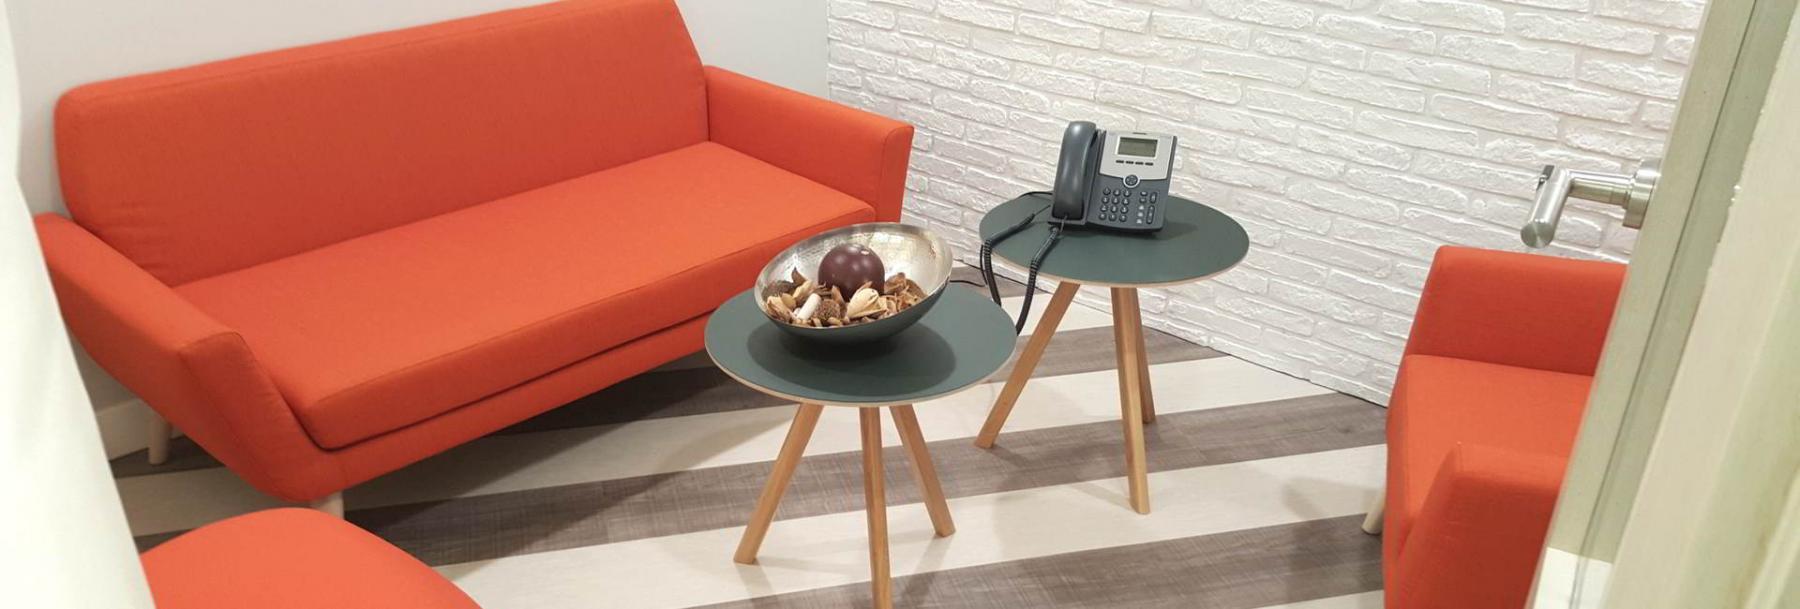 Alquilar oficinas Paseo de la Castellana 141, Madrid (7)